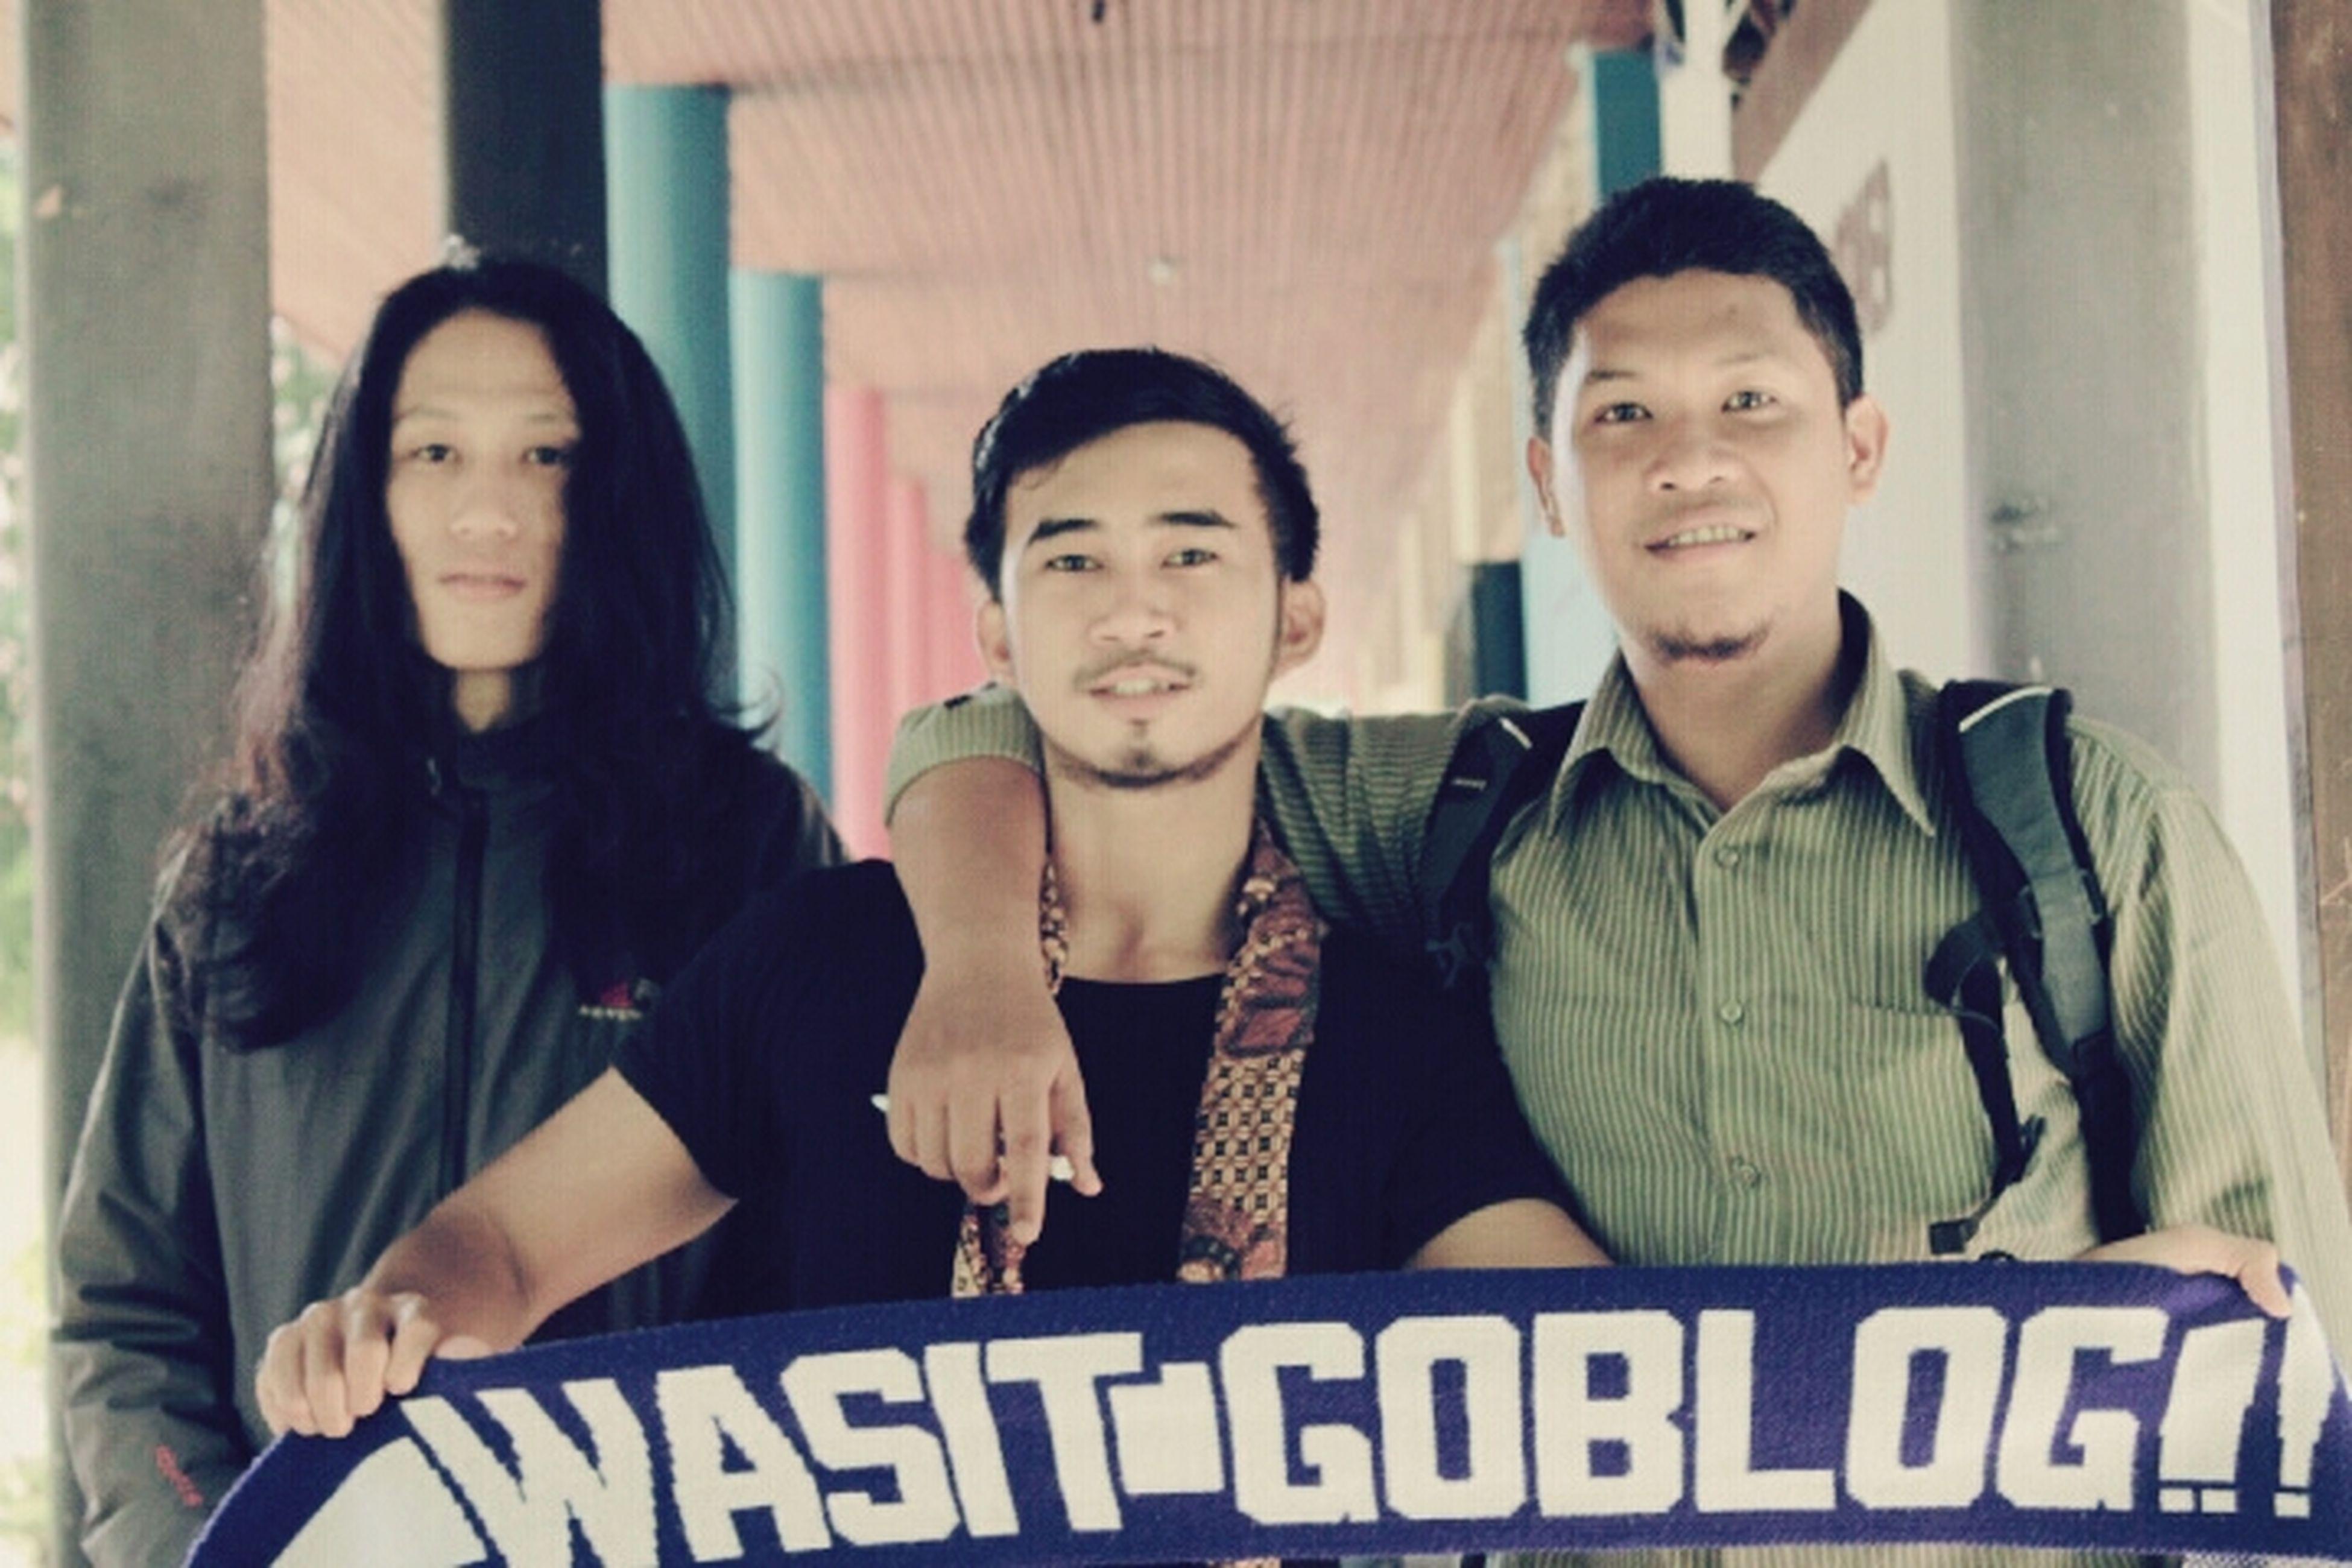 Wasit goblog!!!